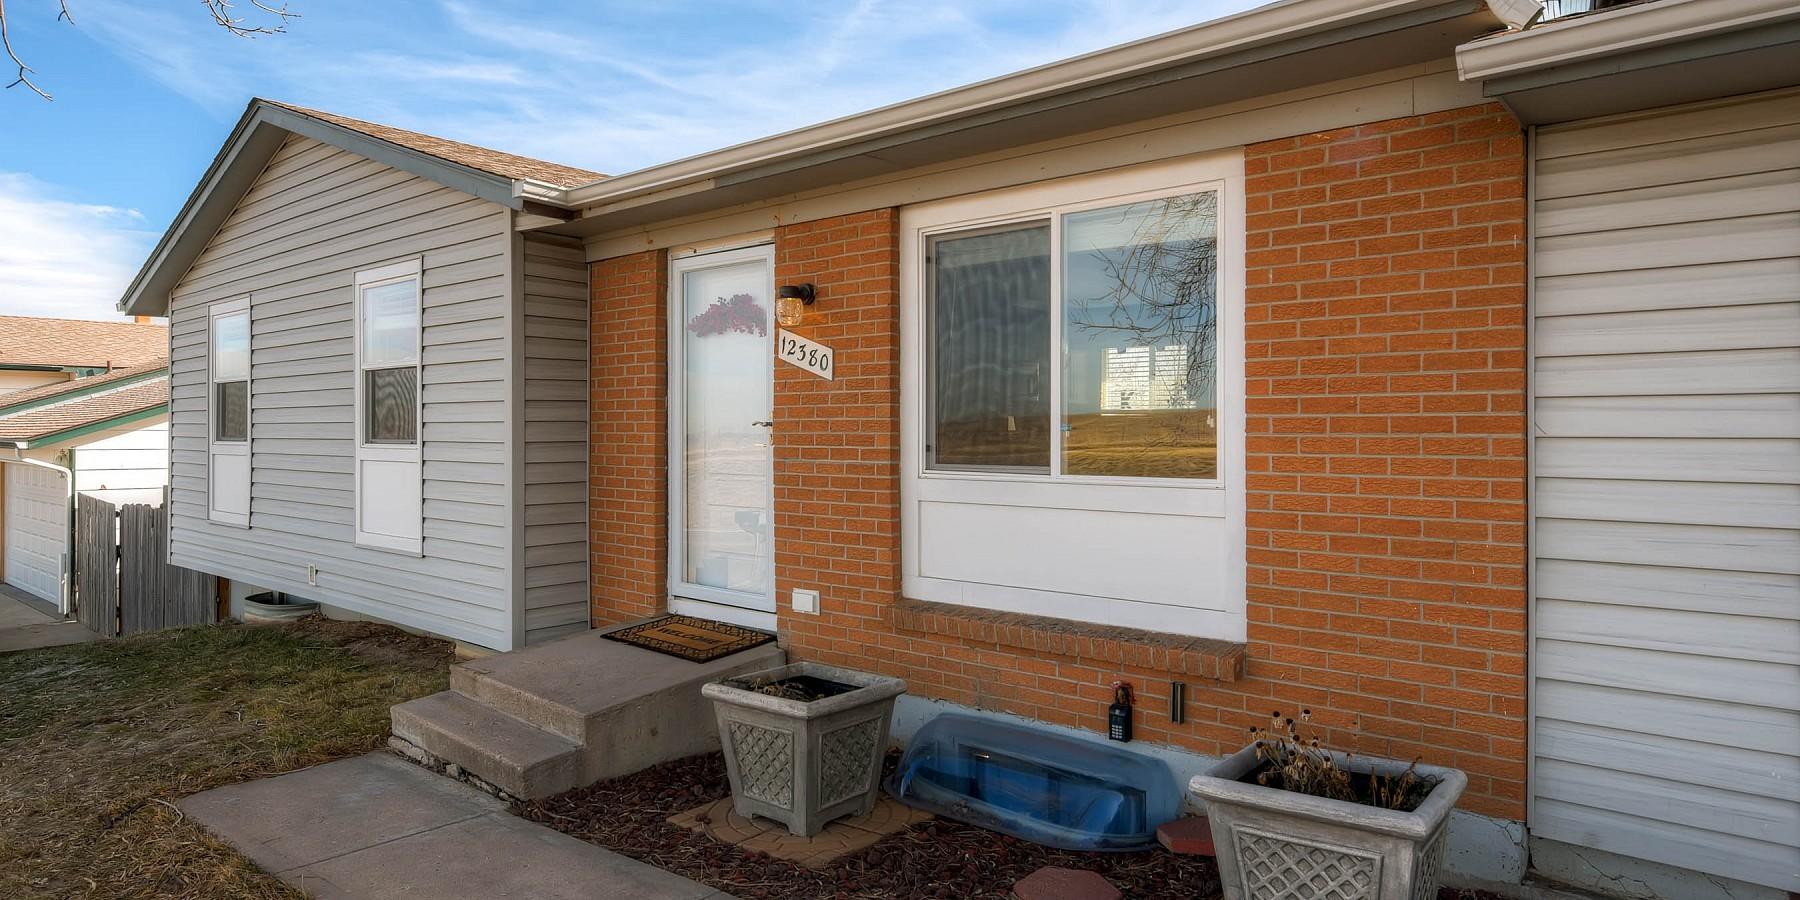 12380 West Quincy Avenue, Morrison, CO 80465